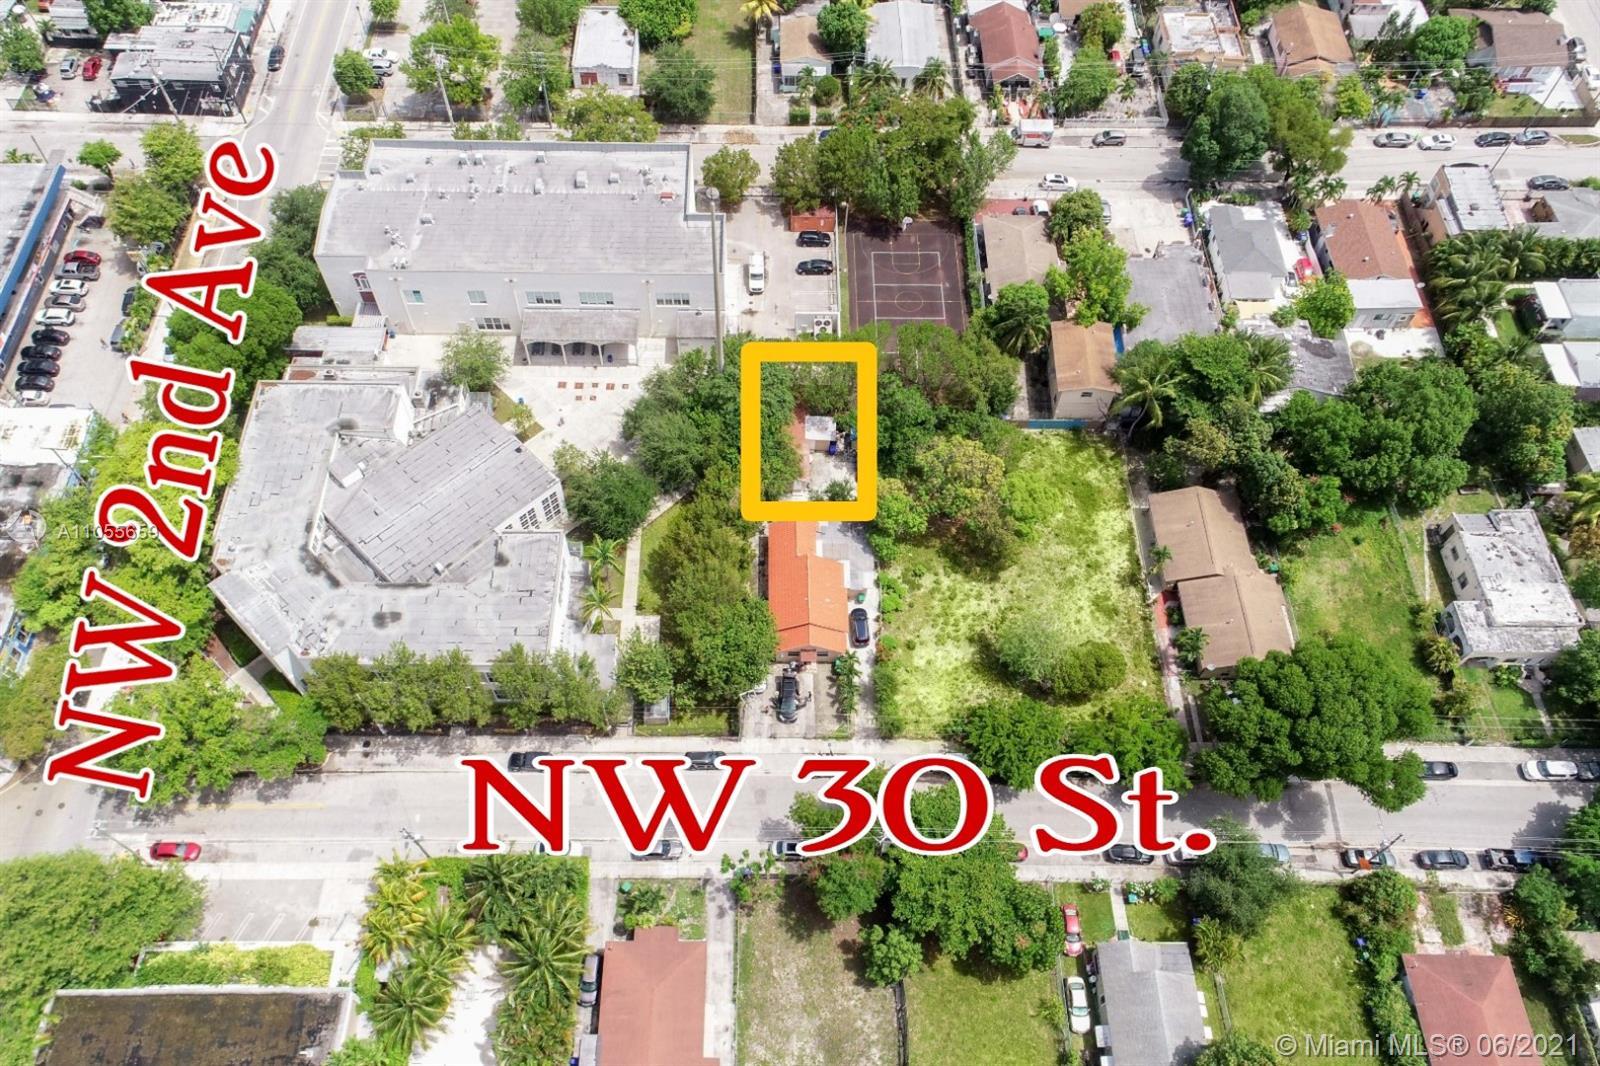 Wynwood - 161 1/2 NW 30th St, Miami, FL 33127